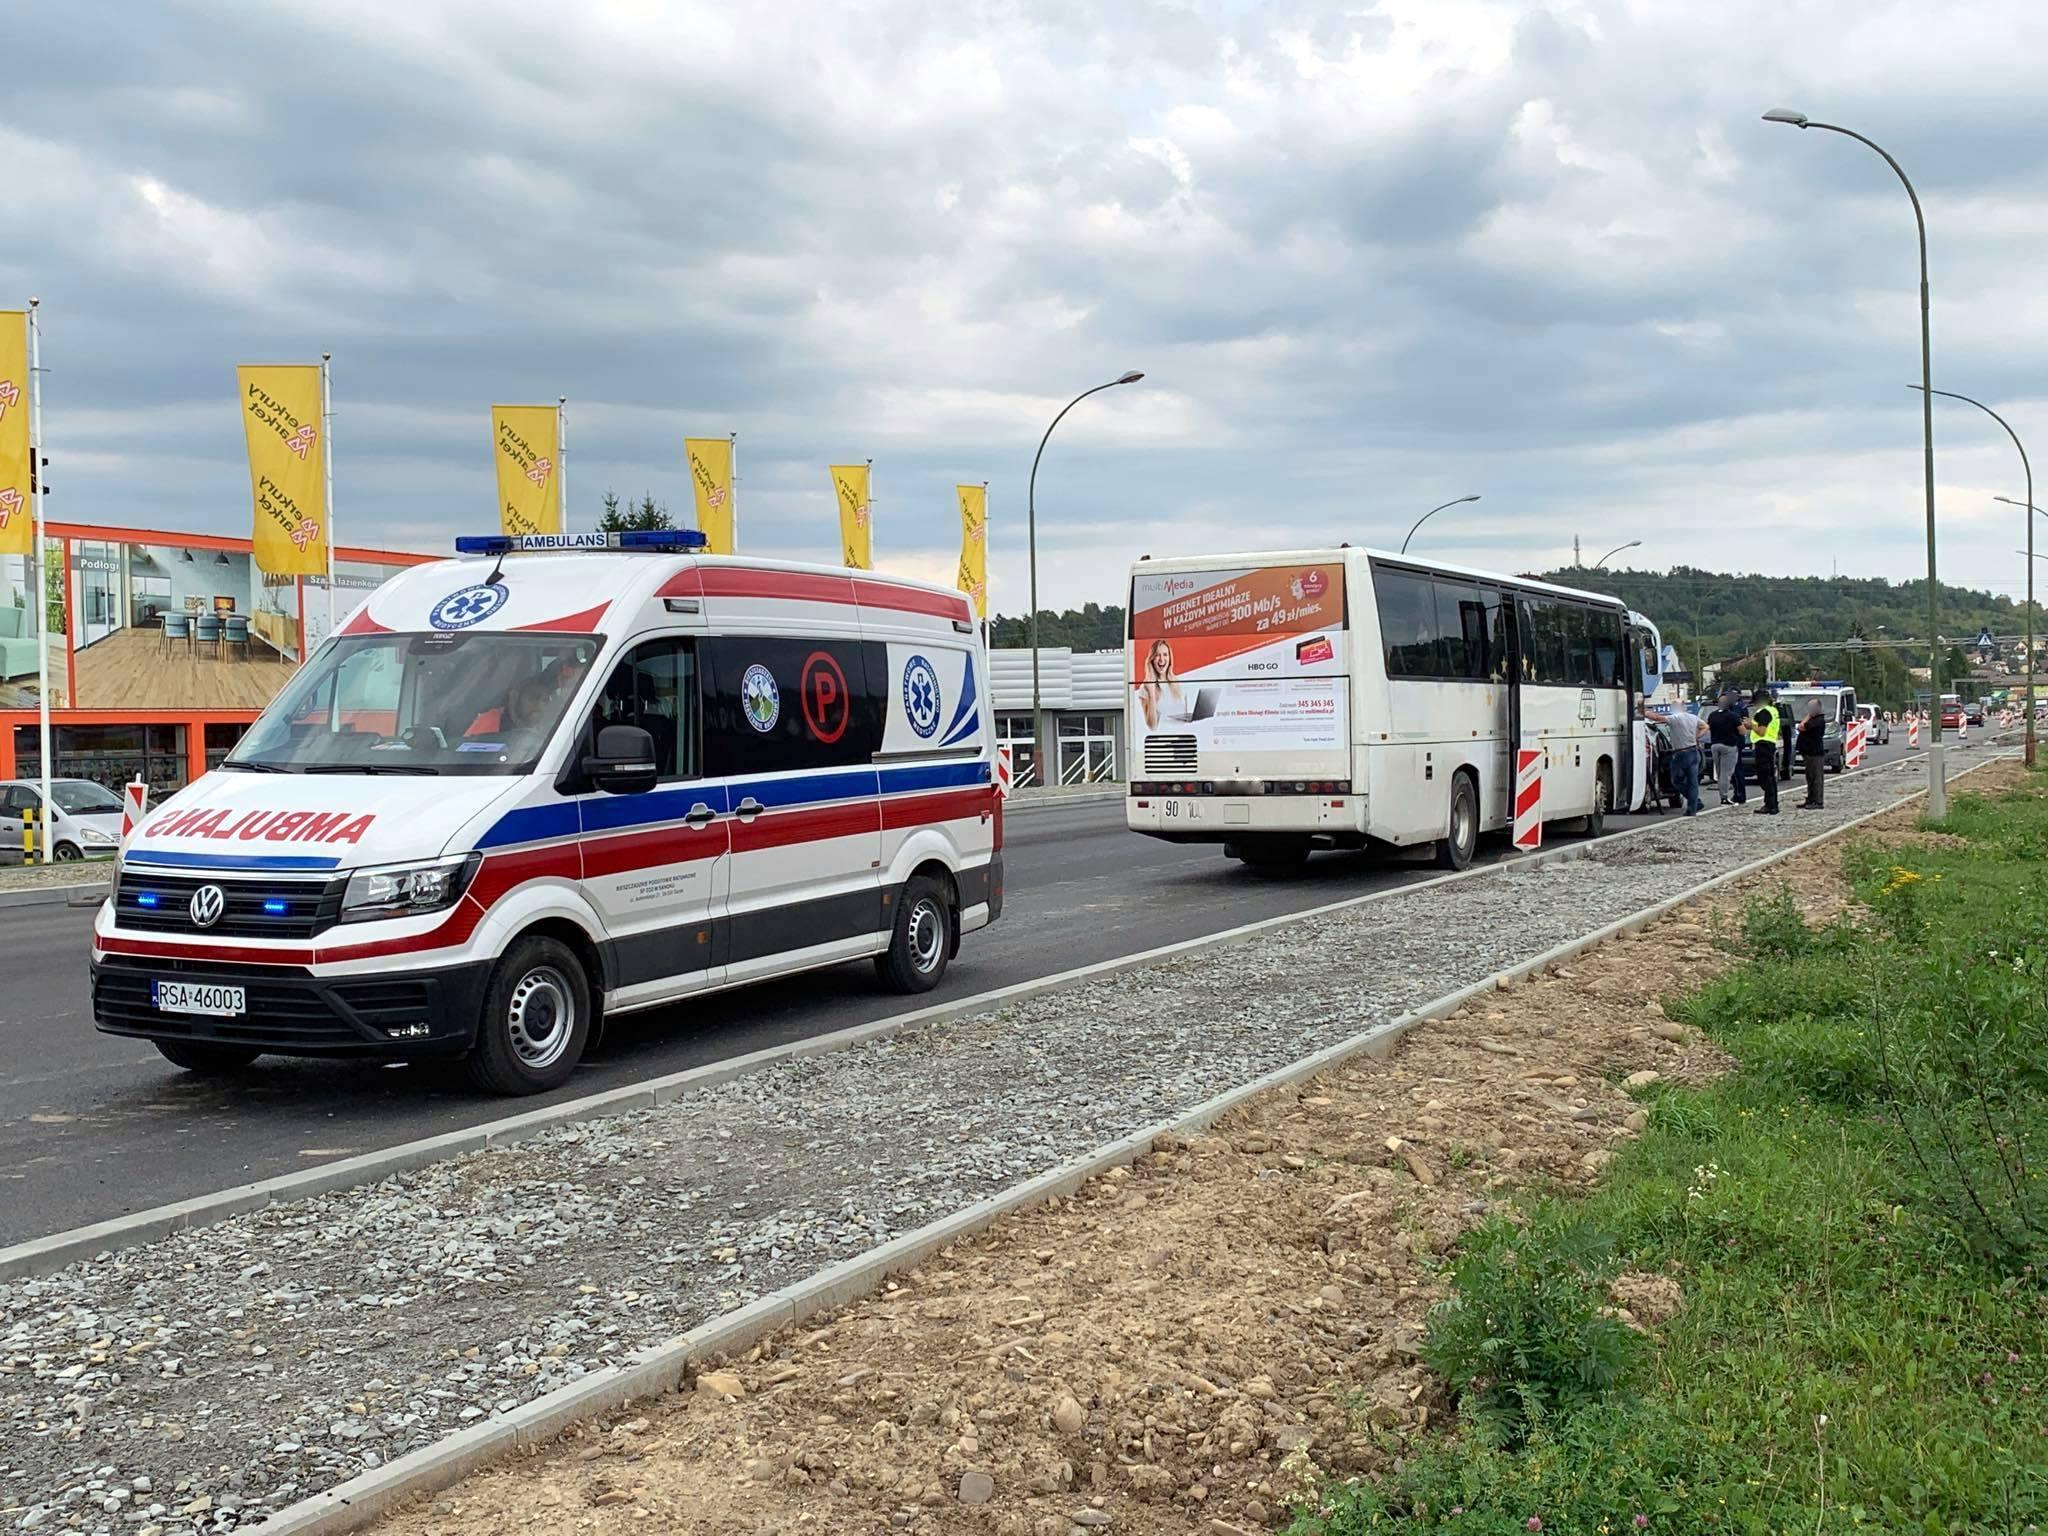 Autobus najechał na tył samochodu osobowego [ZDJĘCIA+VIDEO] AKTUALIZACJA - Zdjęcie główne